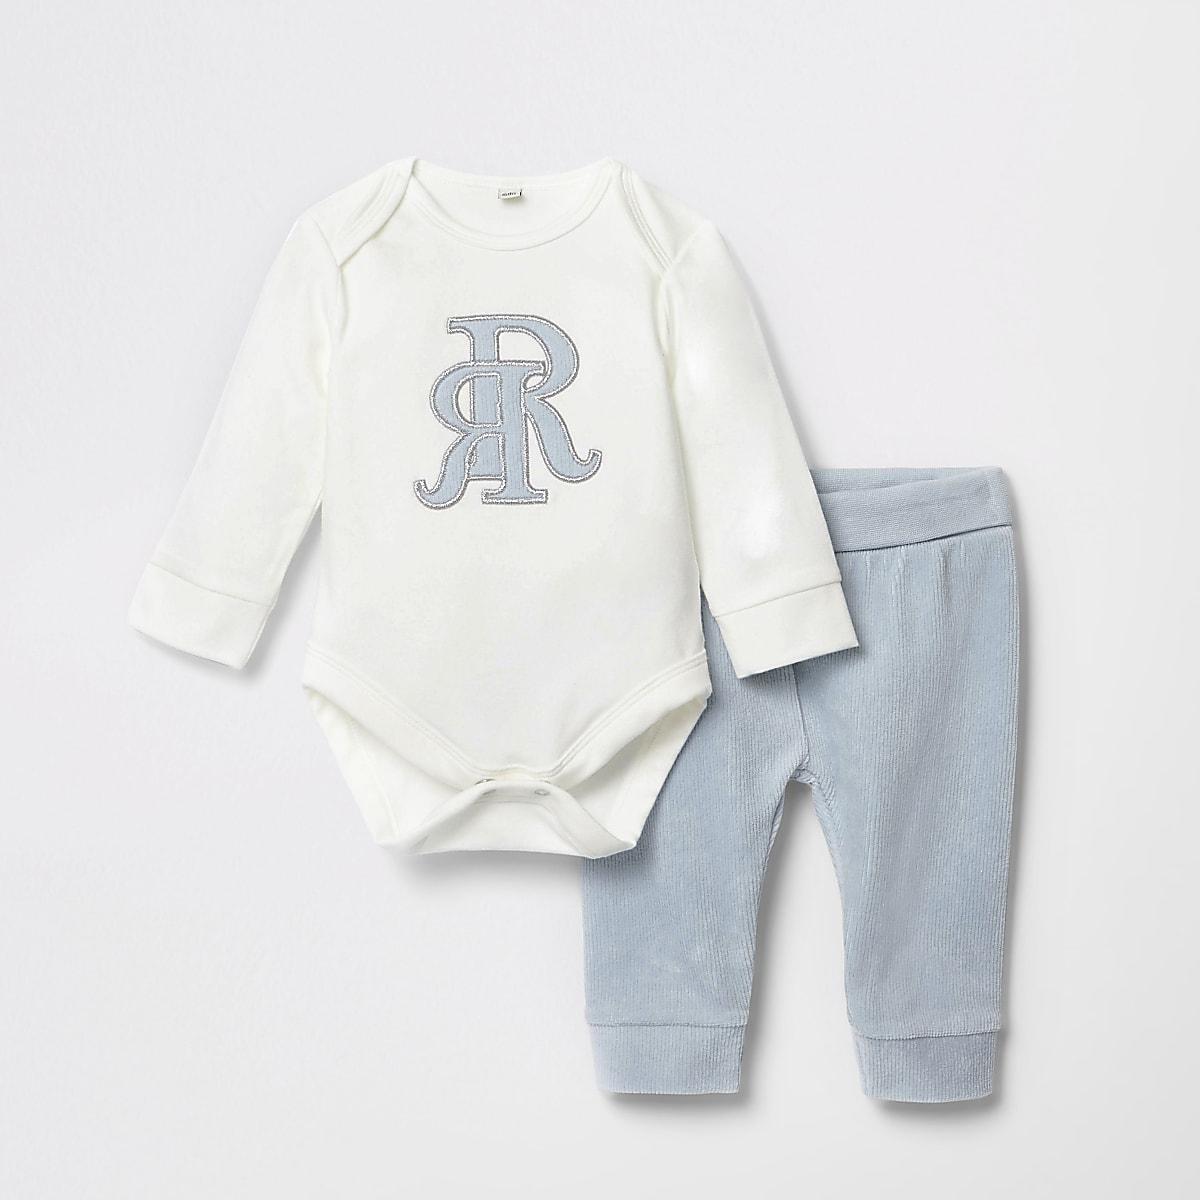 RI - Outfit met blauw rompertje van velours voor baby's